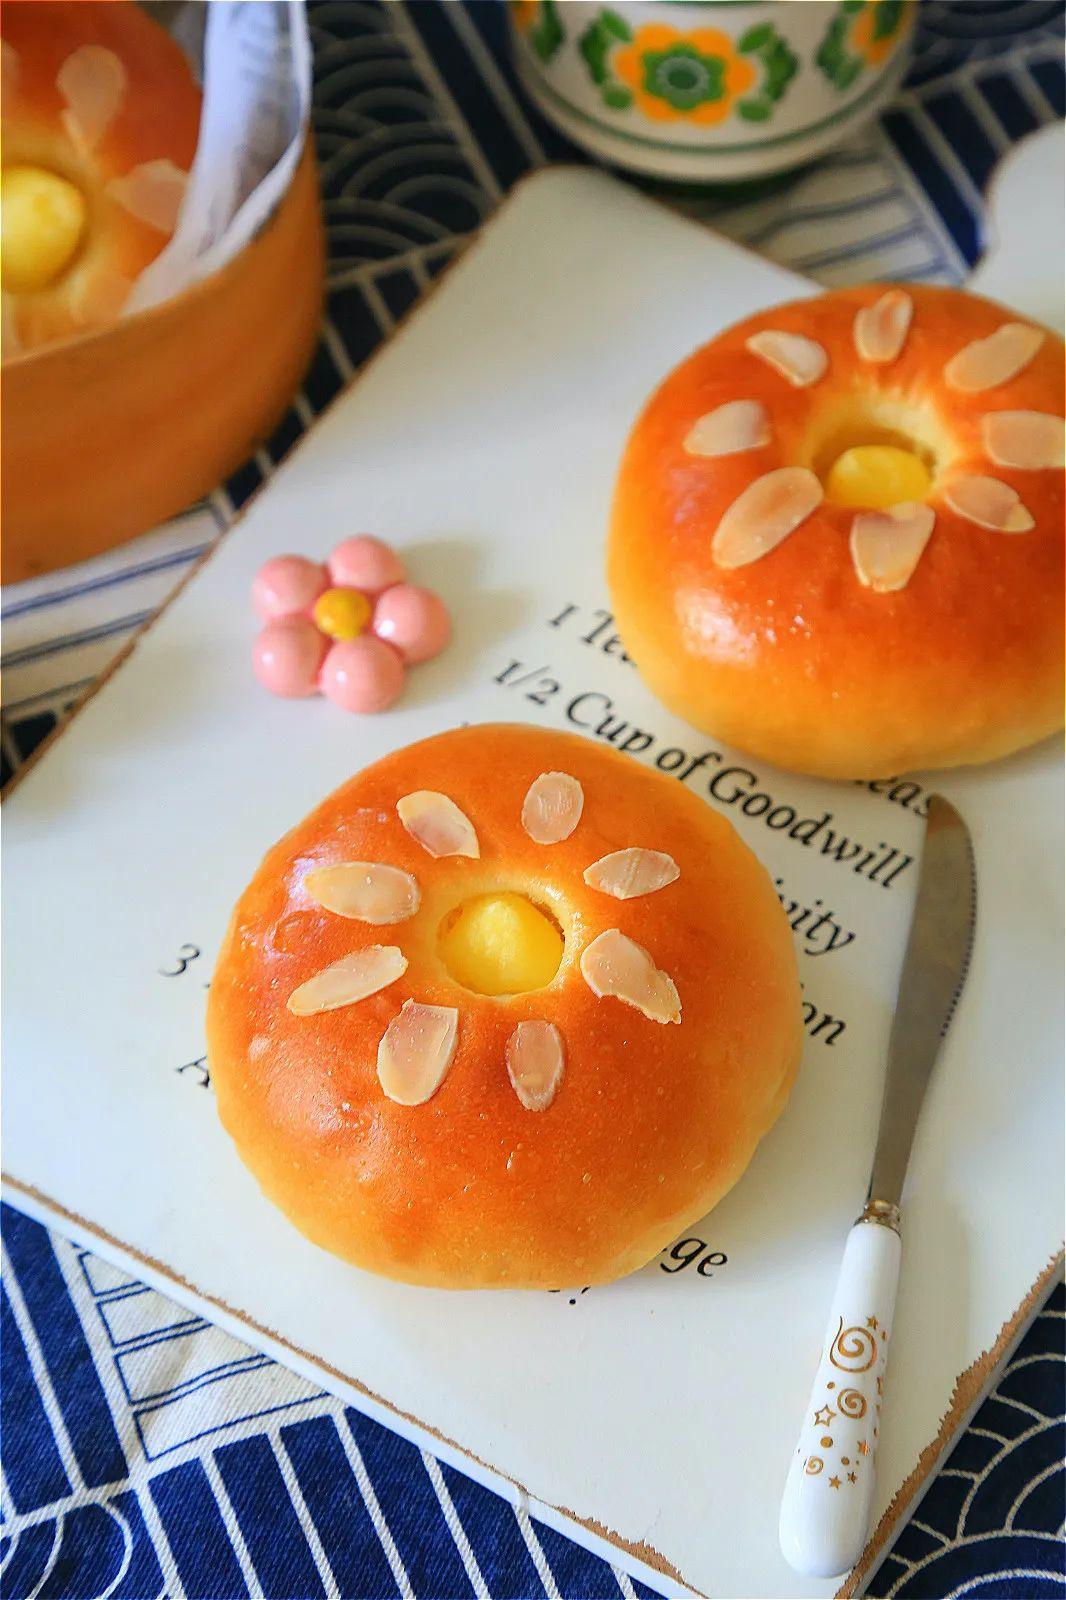 「整形」很有意思的整形和灌馅方法!,香浓美味的特浓卡仕达面包